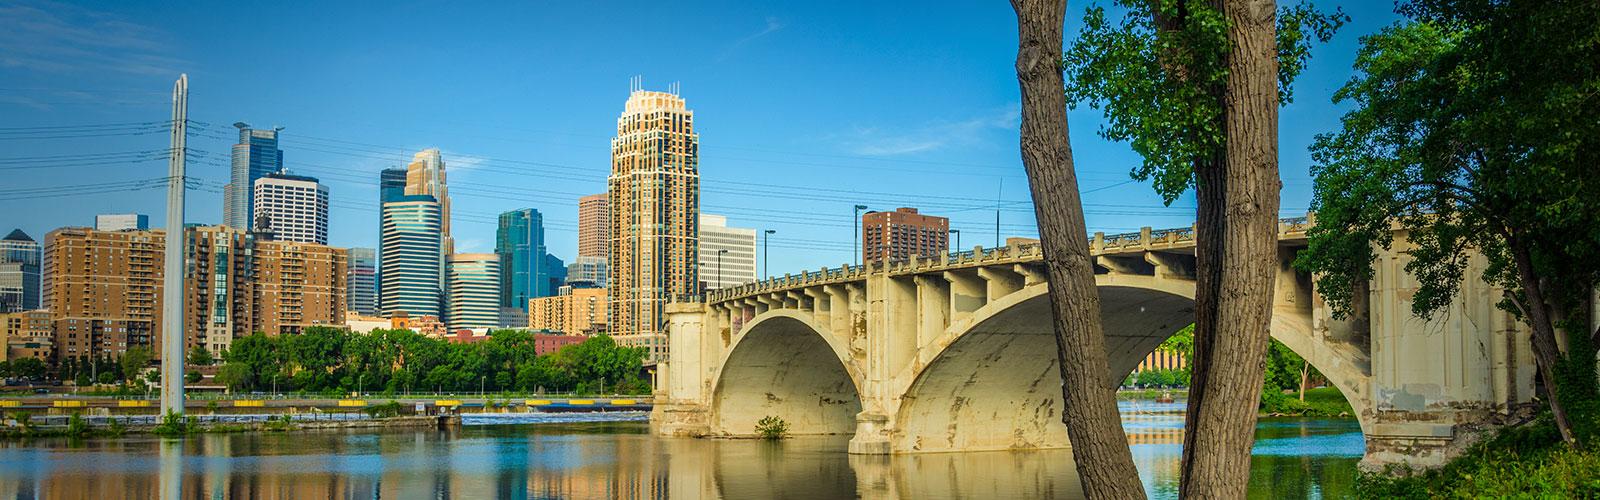 Downtown Minneapolis Masthead